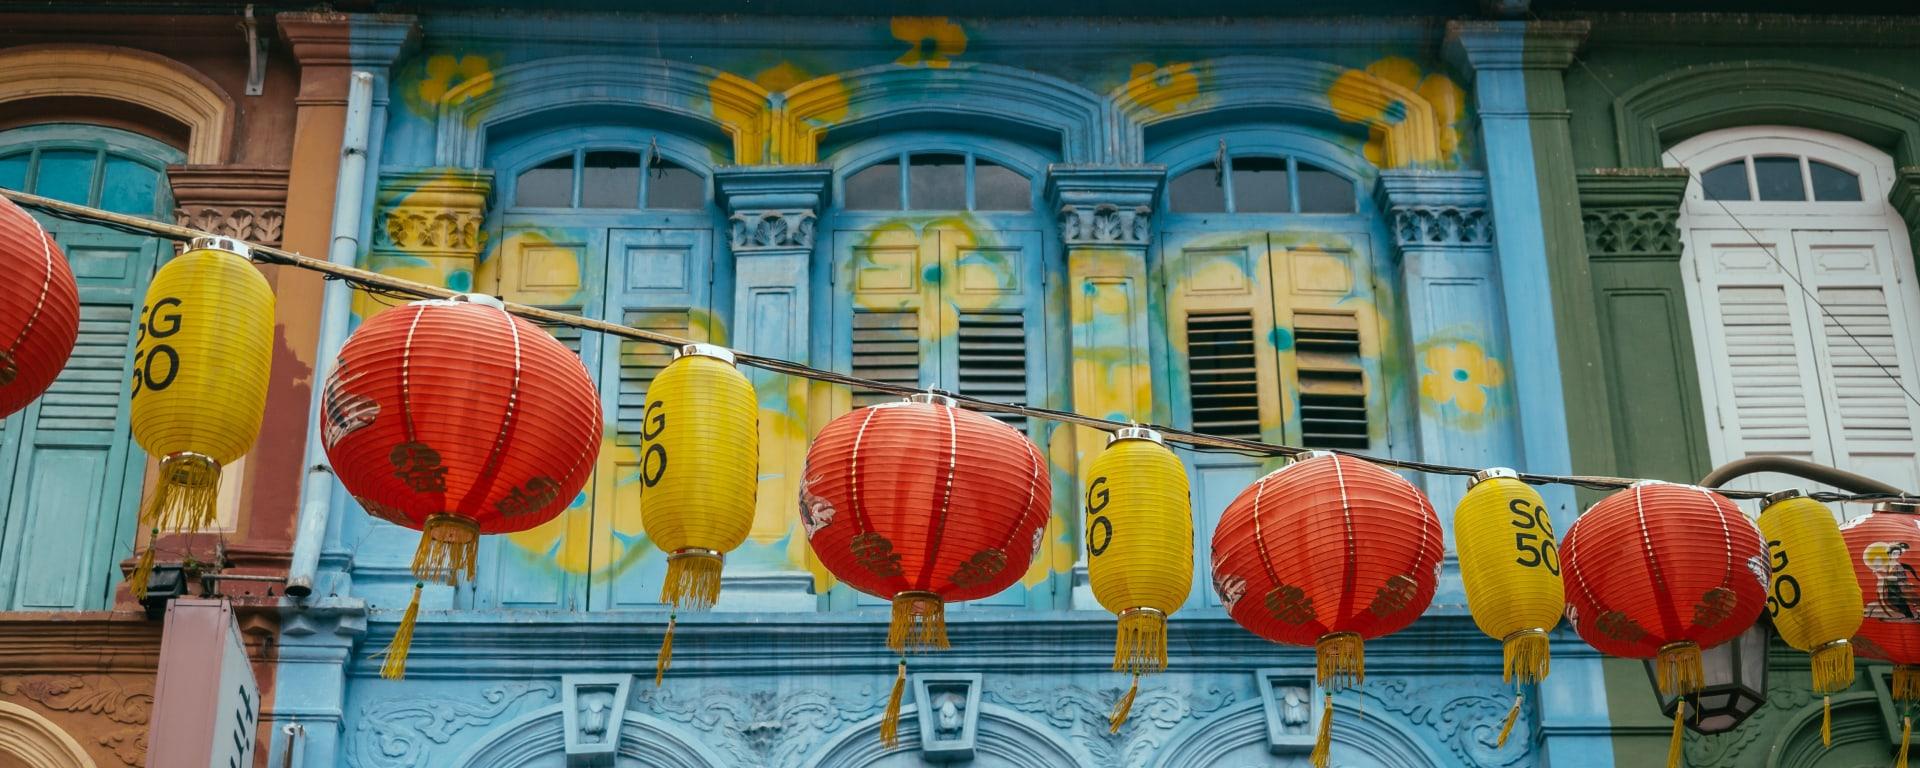 Singapur entdecken mit Tischler Reisen: Singapur Chinatown Fassade